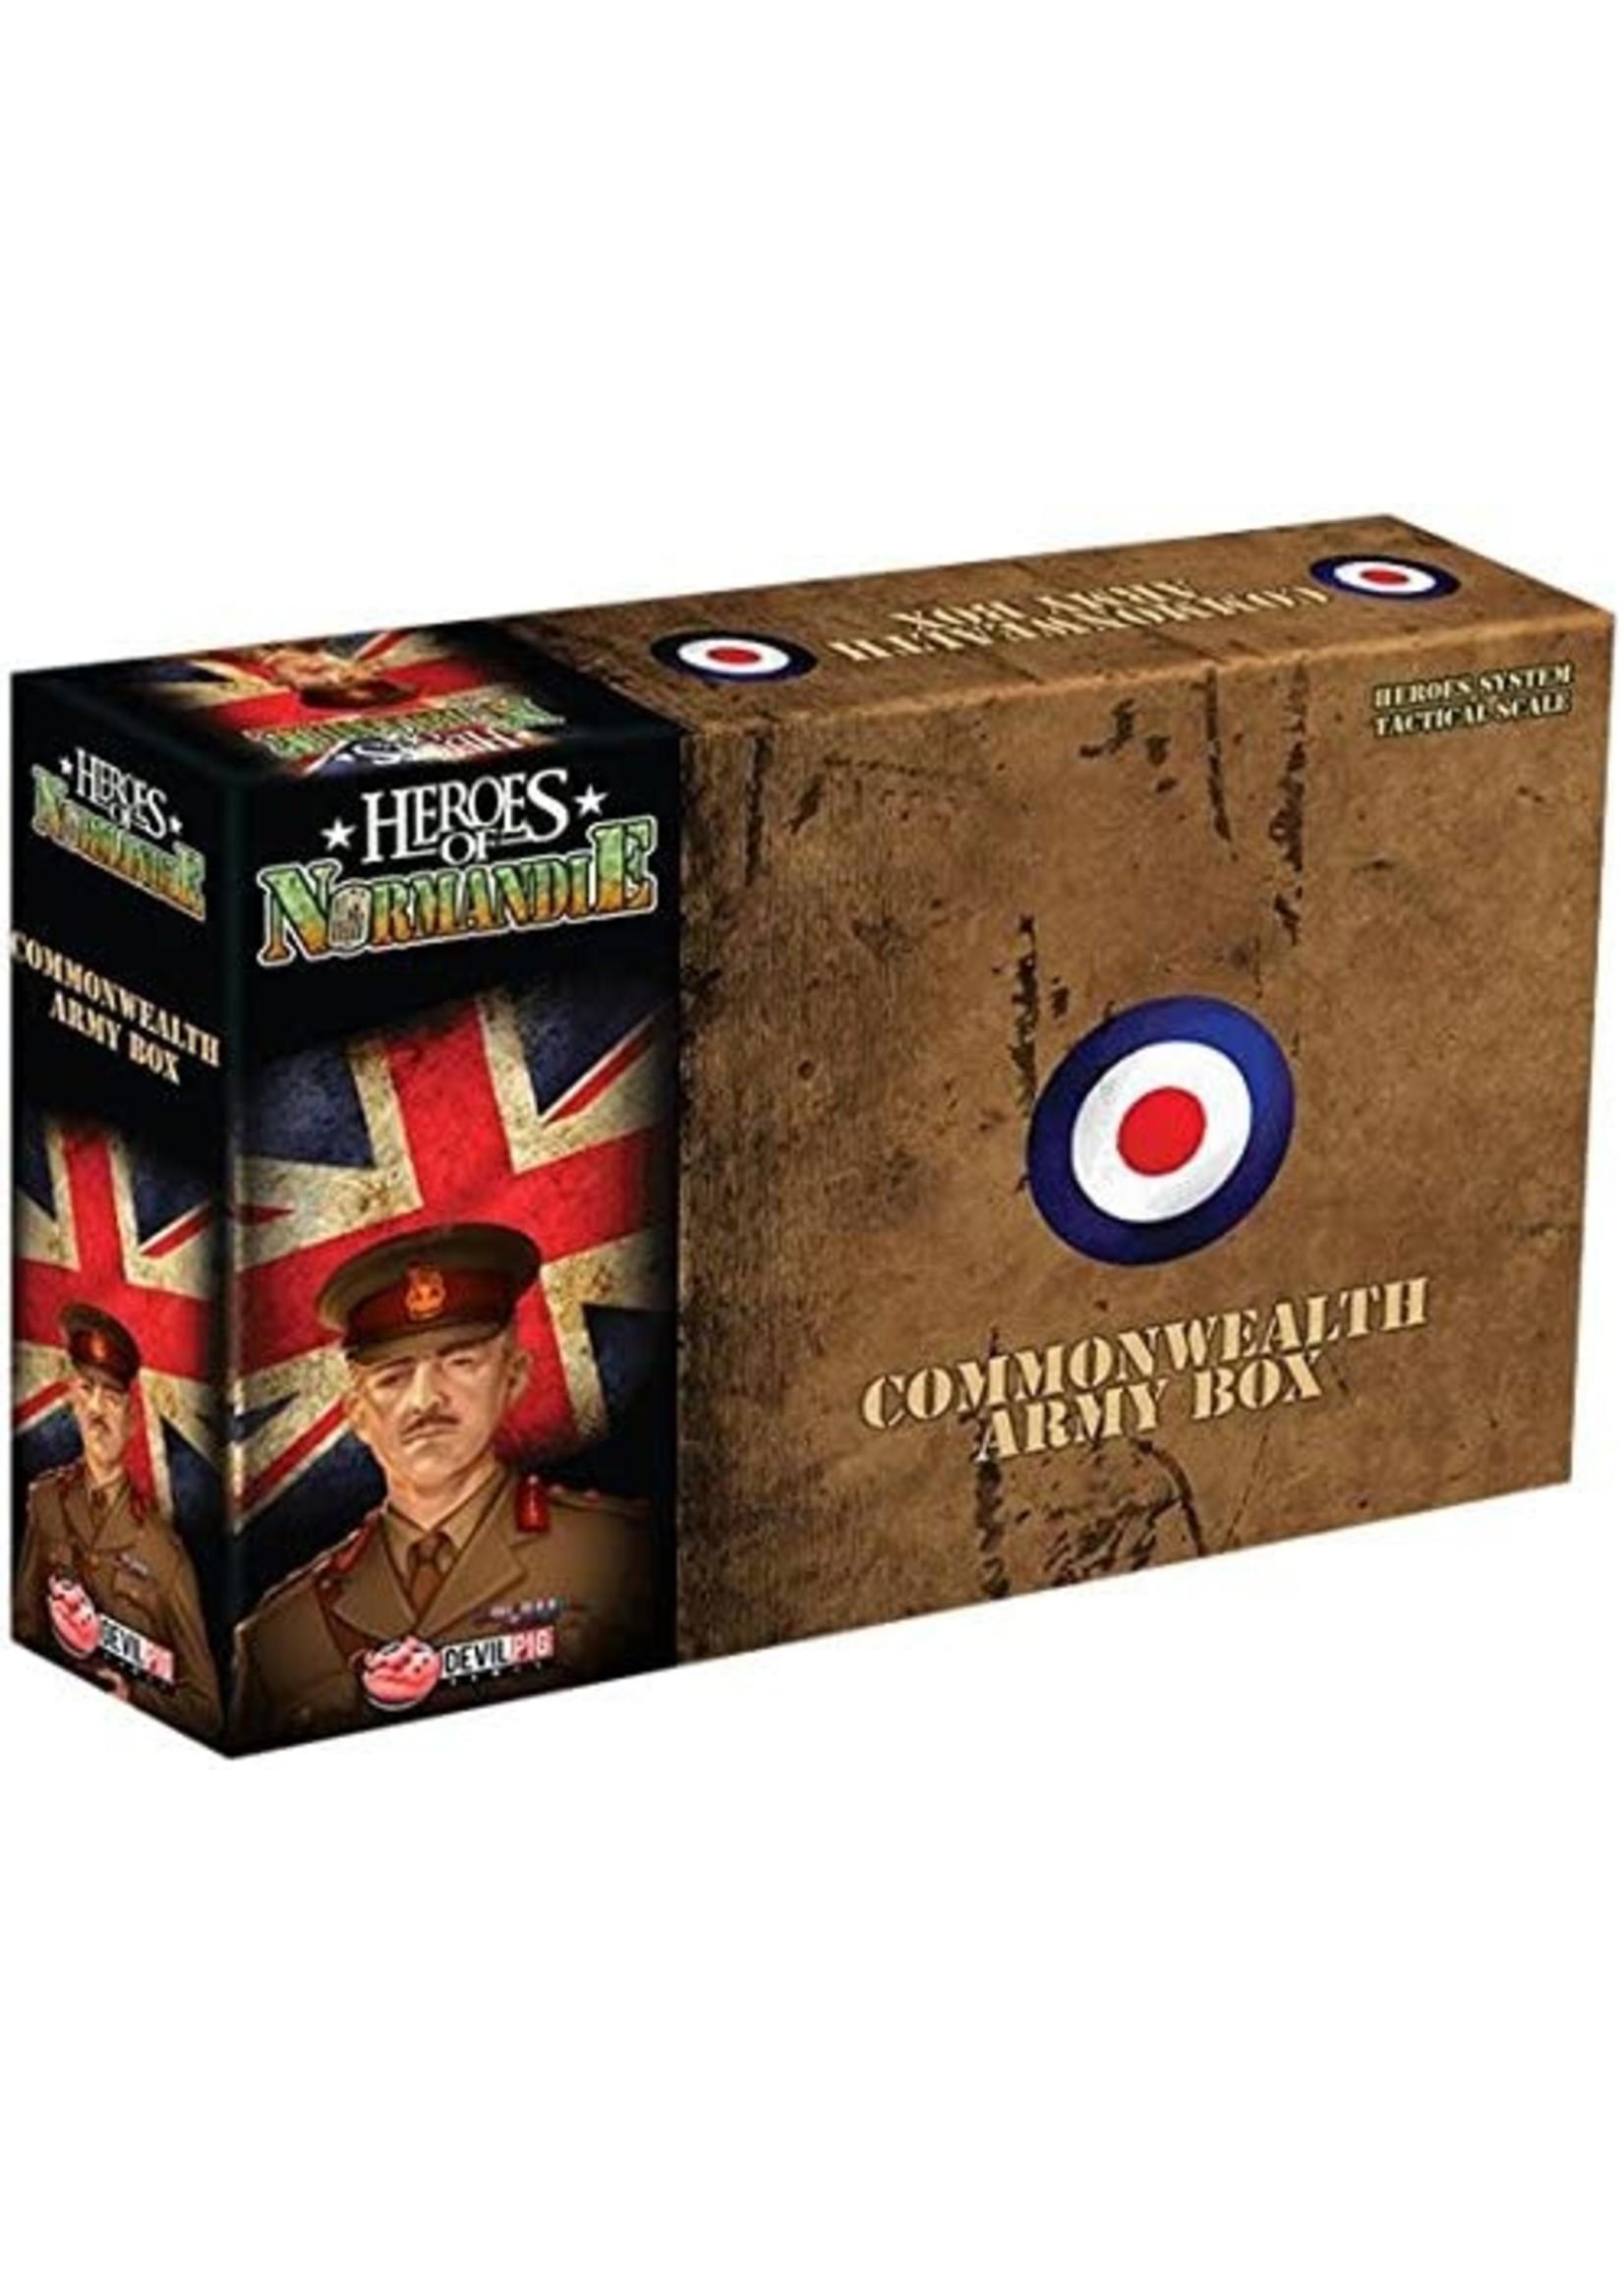 Heroes of Normandie: Army Box UK